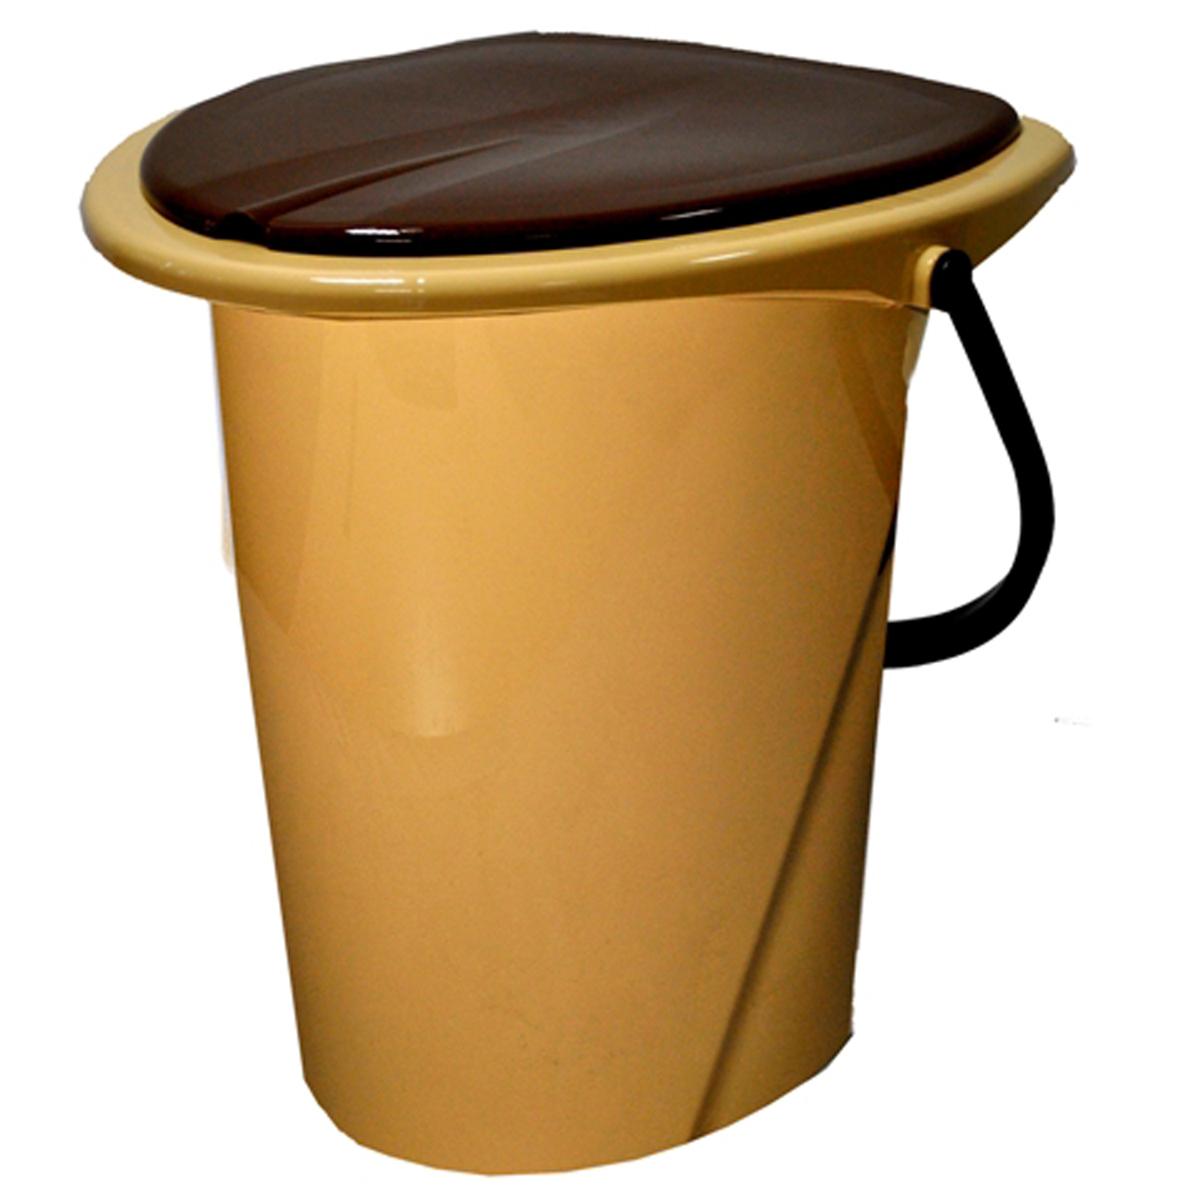 Ведро-туалет InGreen, цвет: бежевый, коричневый, 17 л1004900000360Ведро-туалет InGreen выполнено из пластика. Это незаменимая вещь на даче, а также для пожилых людей и людей с ограниченными возможностями. Устойчивое и высокое ведро удобно в использовании. Ведро-туалет имеет эргономичное съемное сиденье - это позволит легко его мыть и сушить отдельно. Ведро снабжено крышкой, что препятствует распространению неприятных запахов. Прочный пластик выдержит даже людей с большим весом.